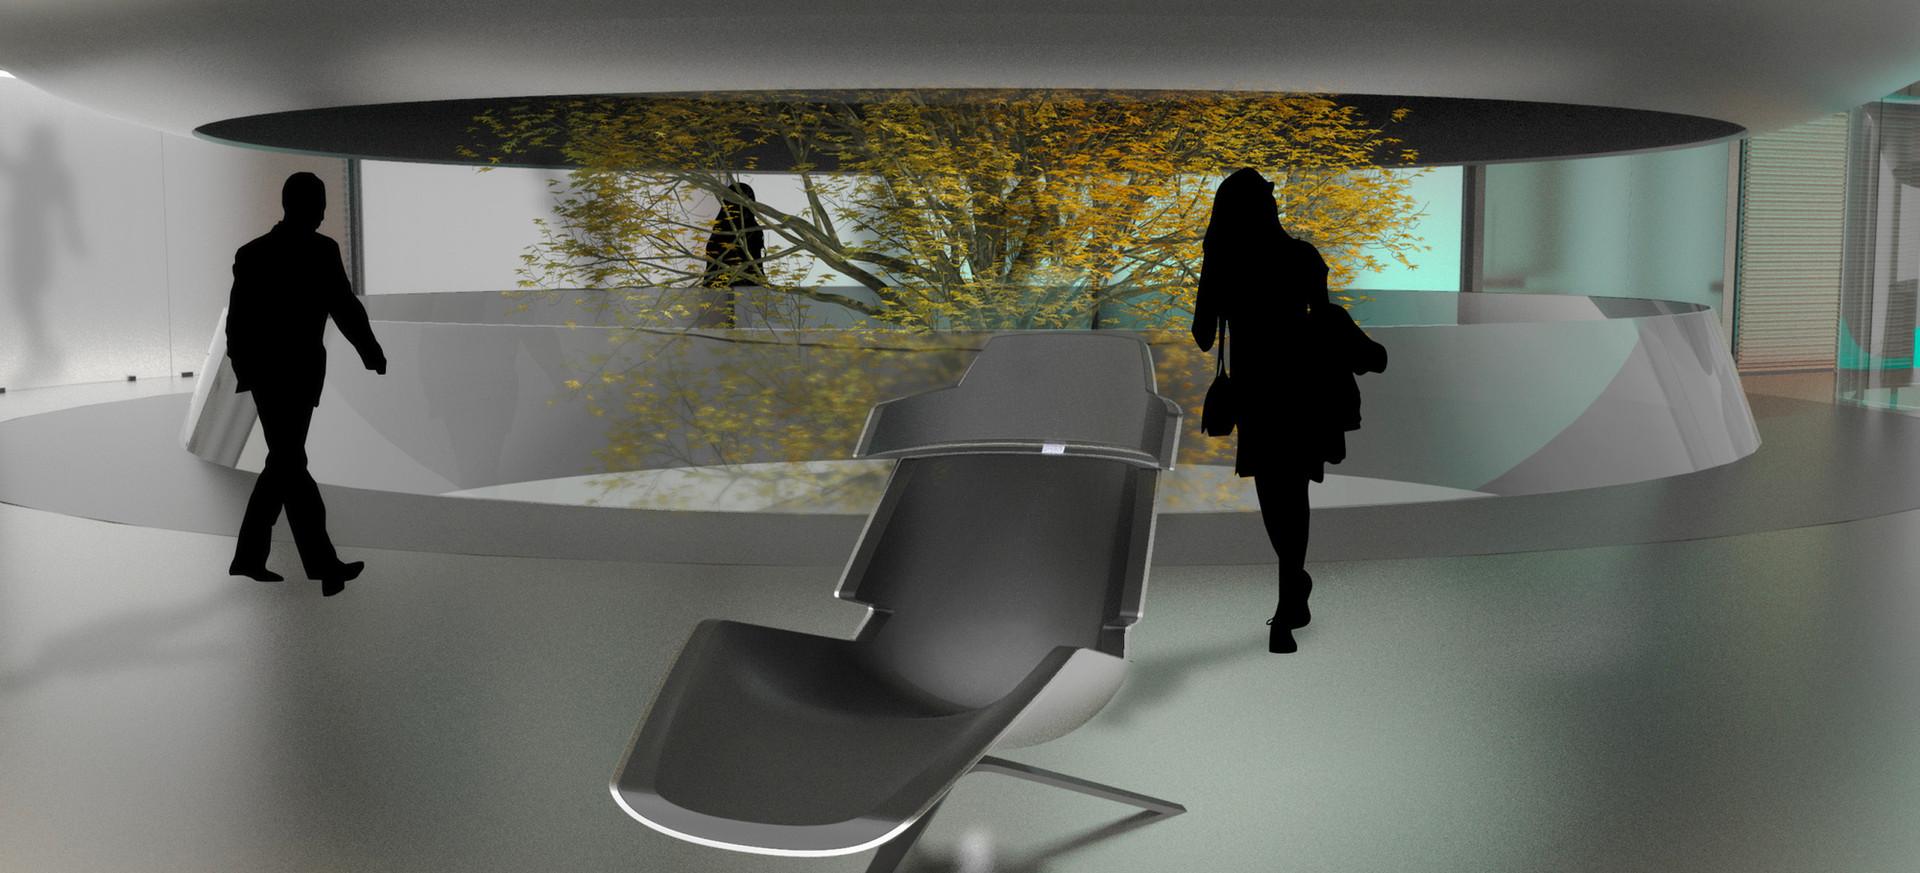 Porsche_Design__Schröcker_Lounge-29.jpg